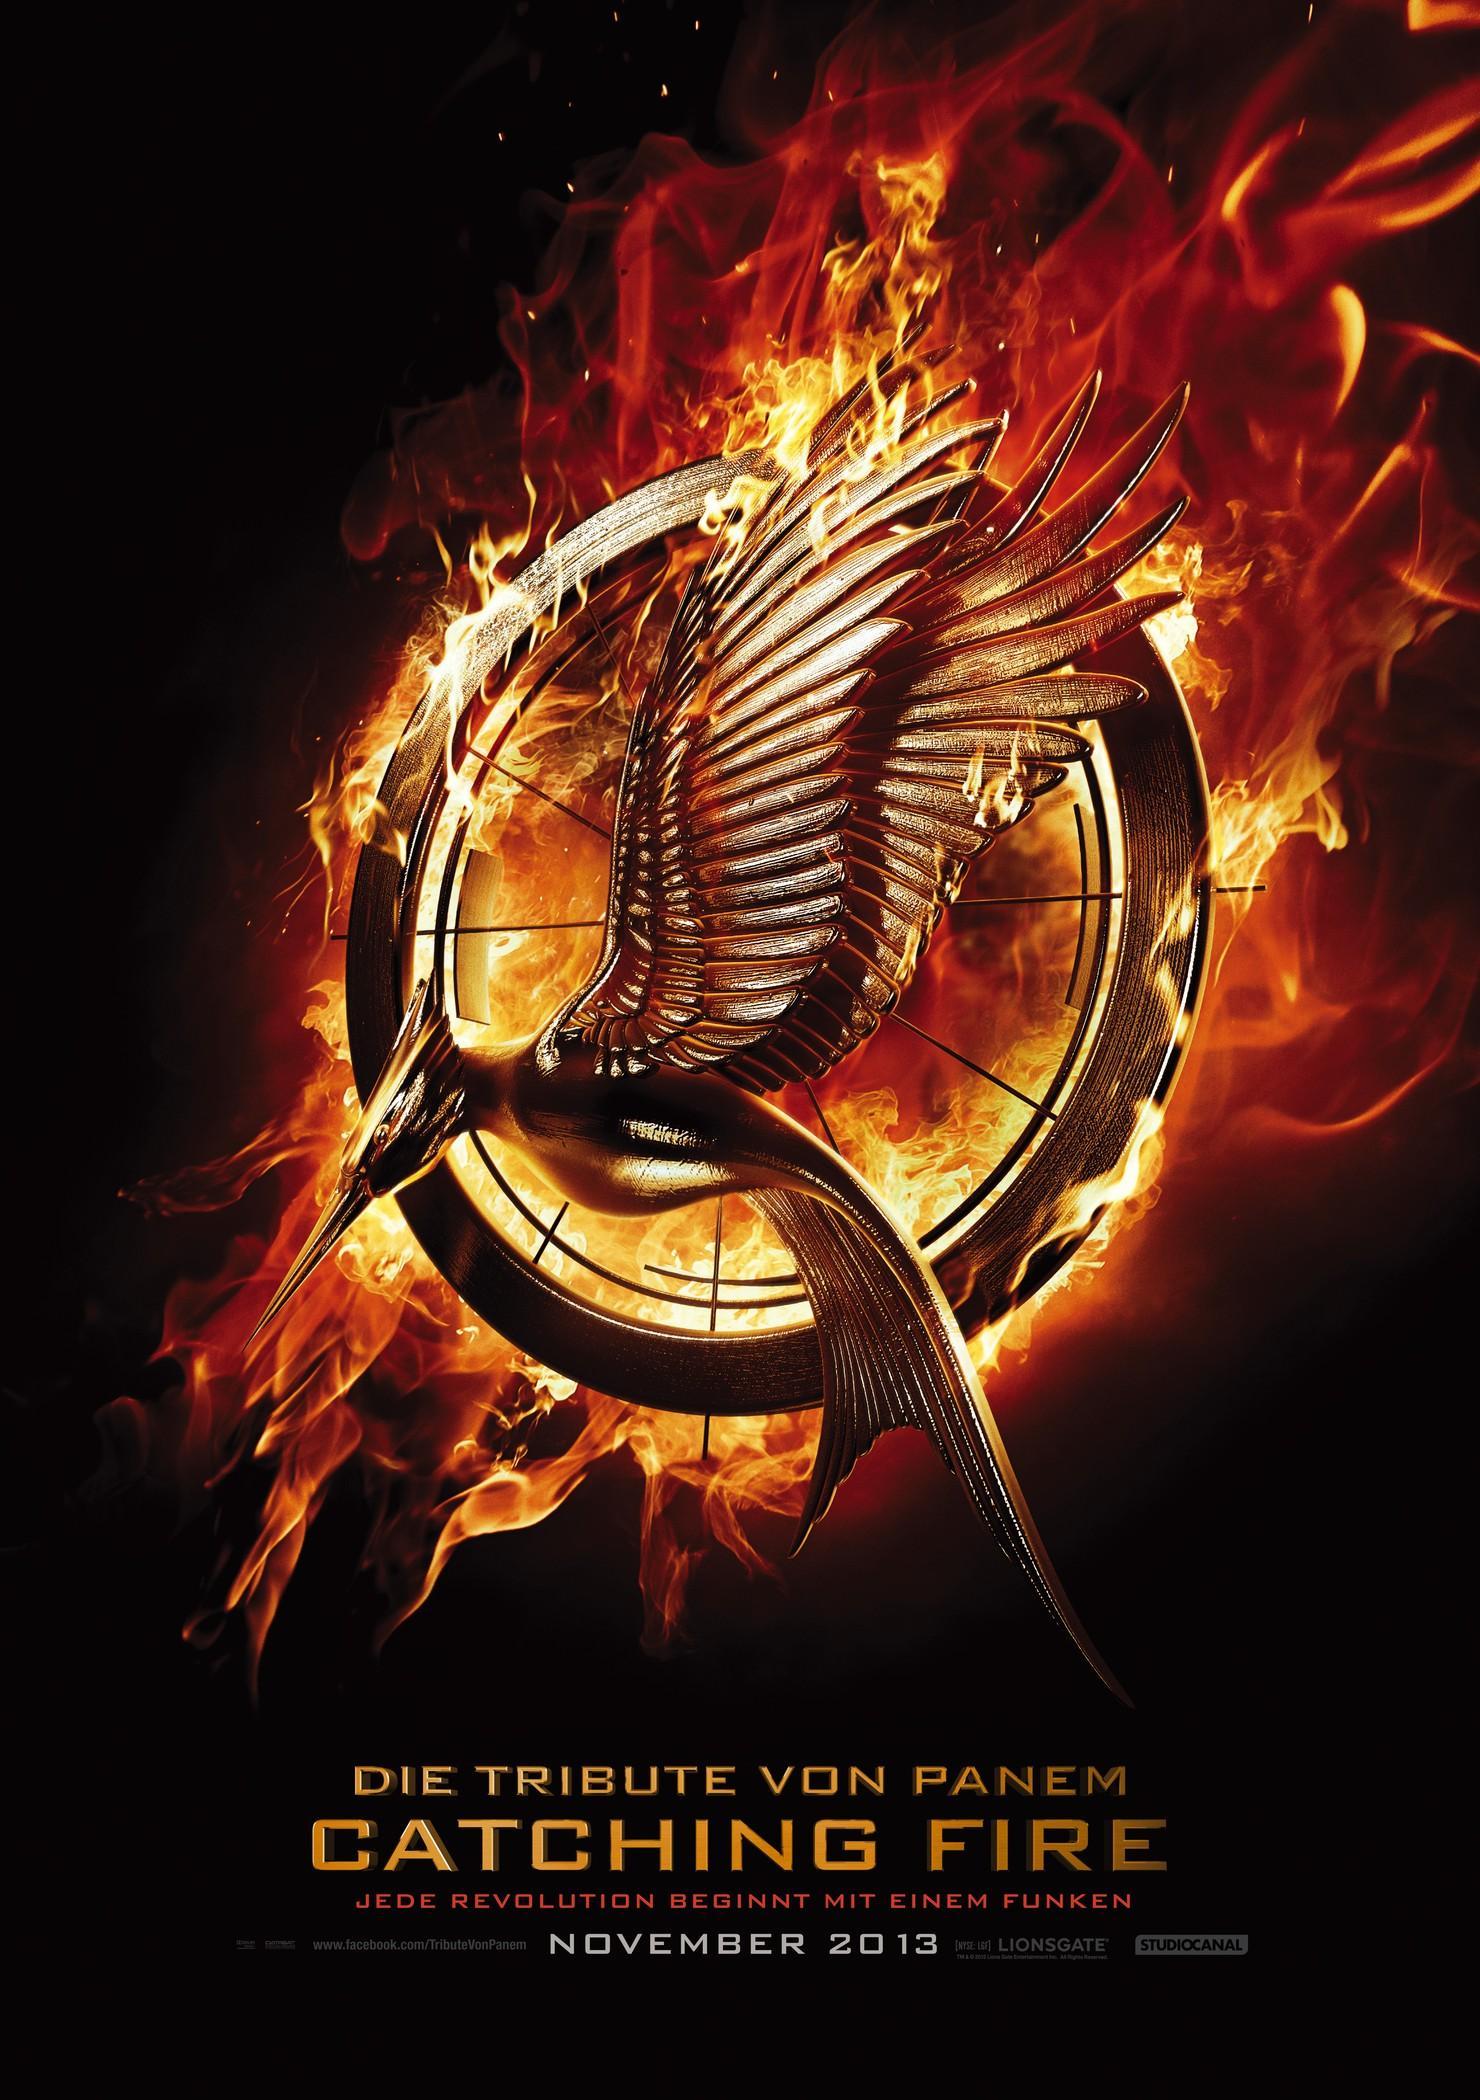 Die Tribute von Panem - Catching Fire (Poster)